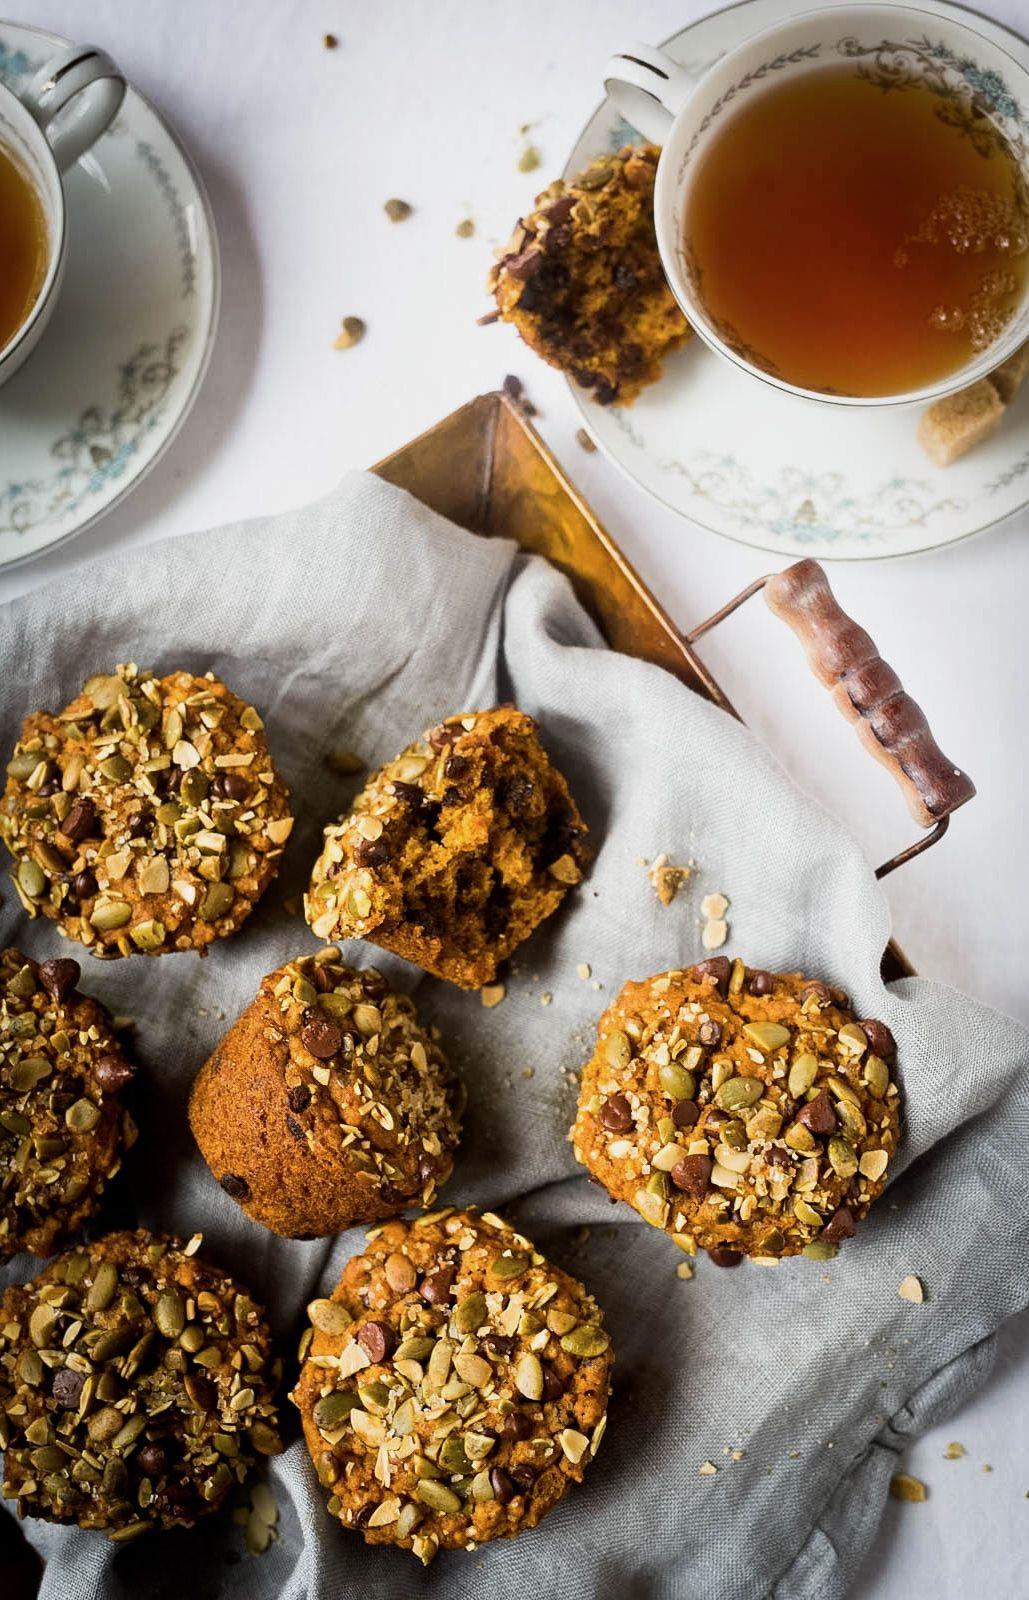 Muffins à la citrouille et au chocolat | Muffins à la citrouille, Citrouille, Citrouille recette